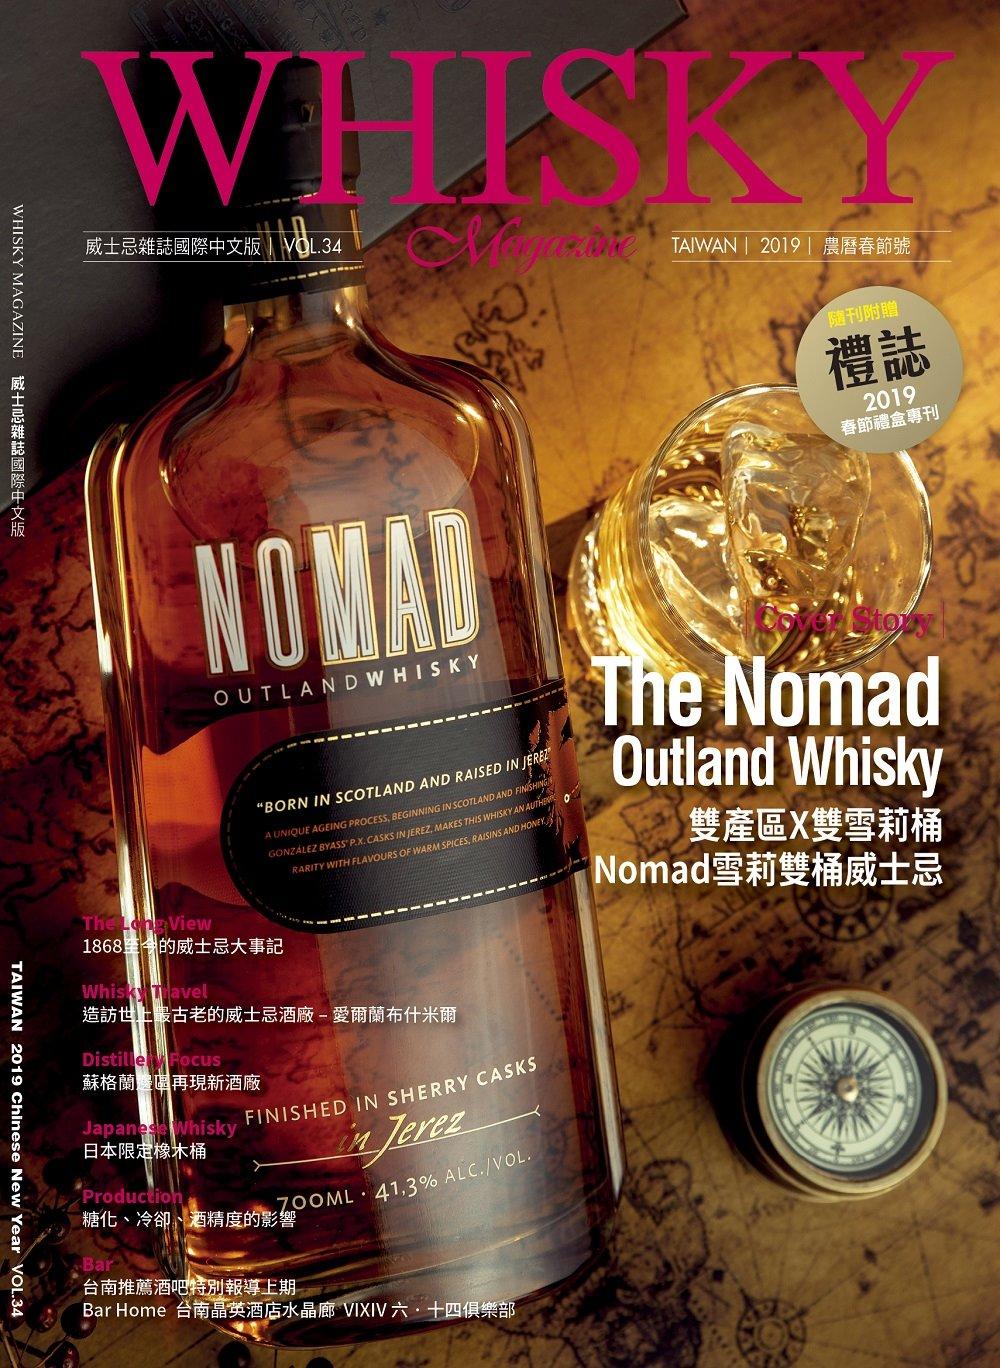 Whisky Magazine威士忌雜誌國際中文版 春季號/2019 第34期